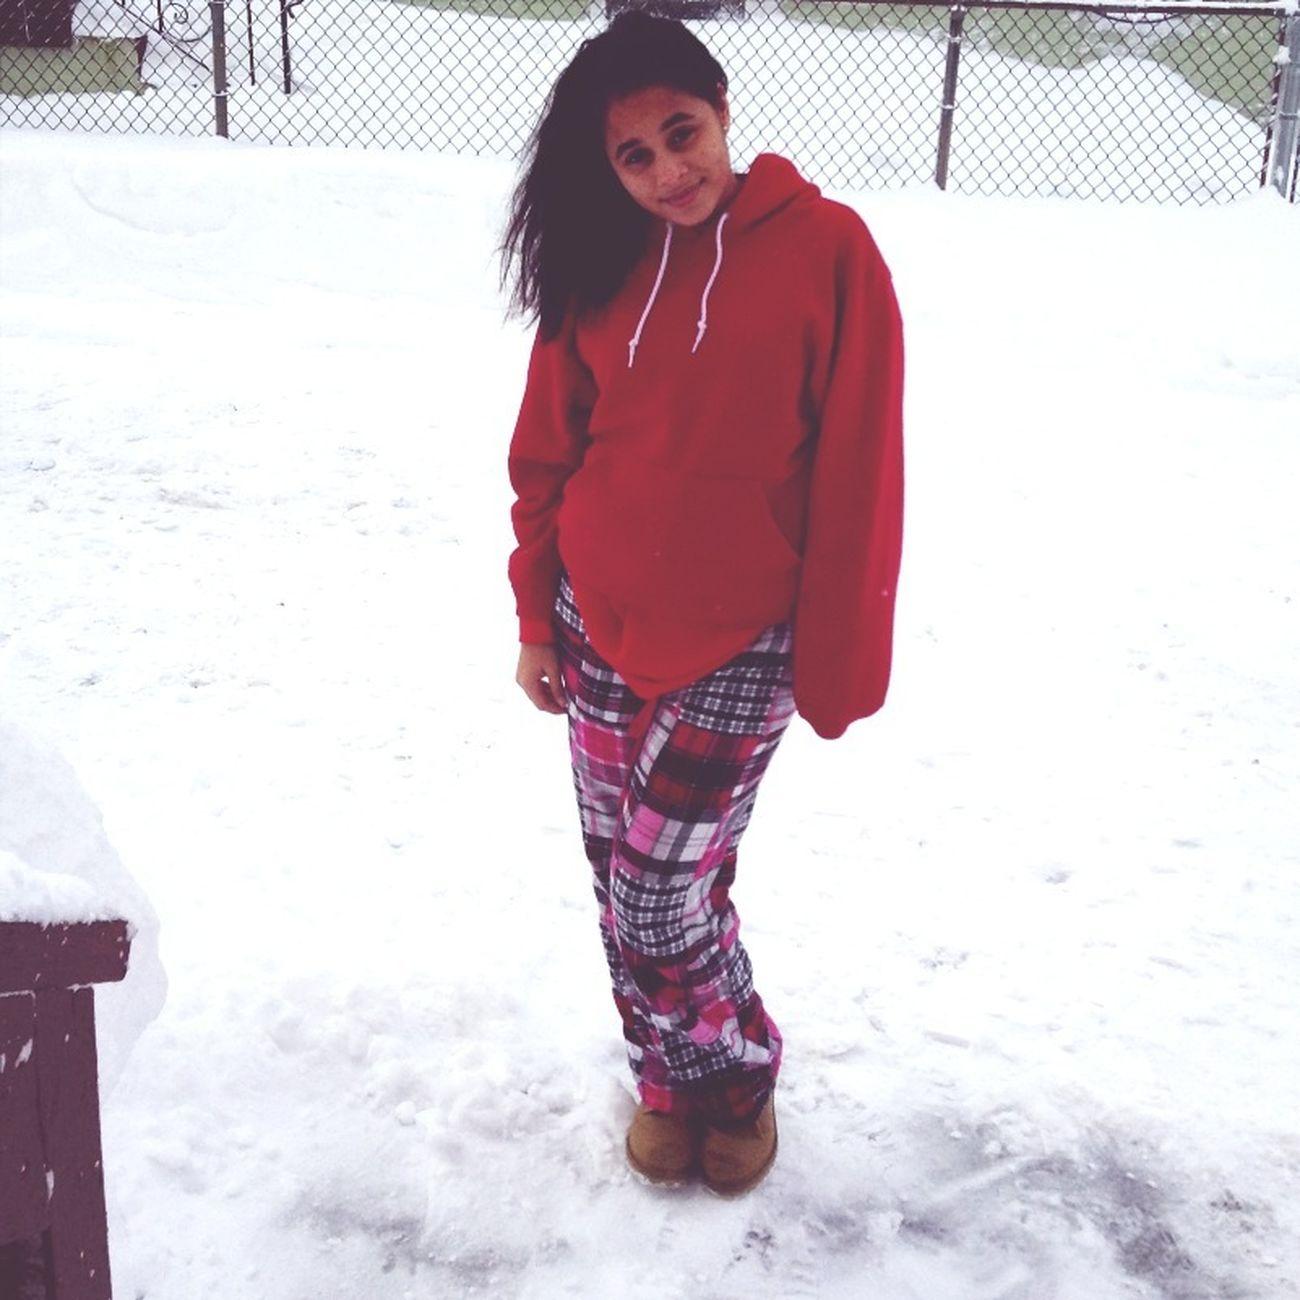 Hispanic in the snow